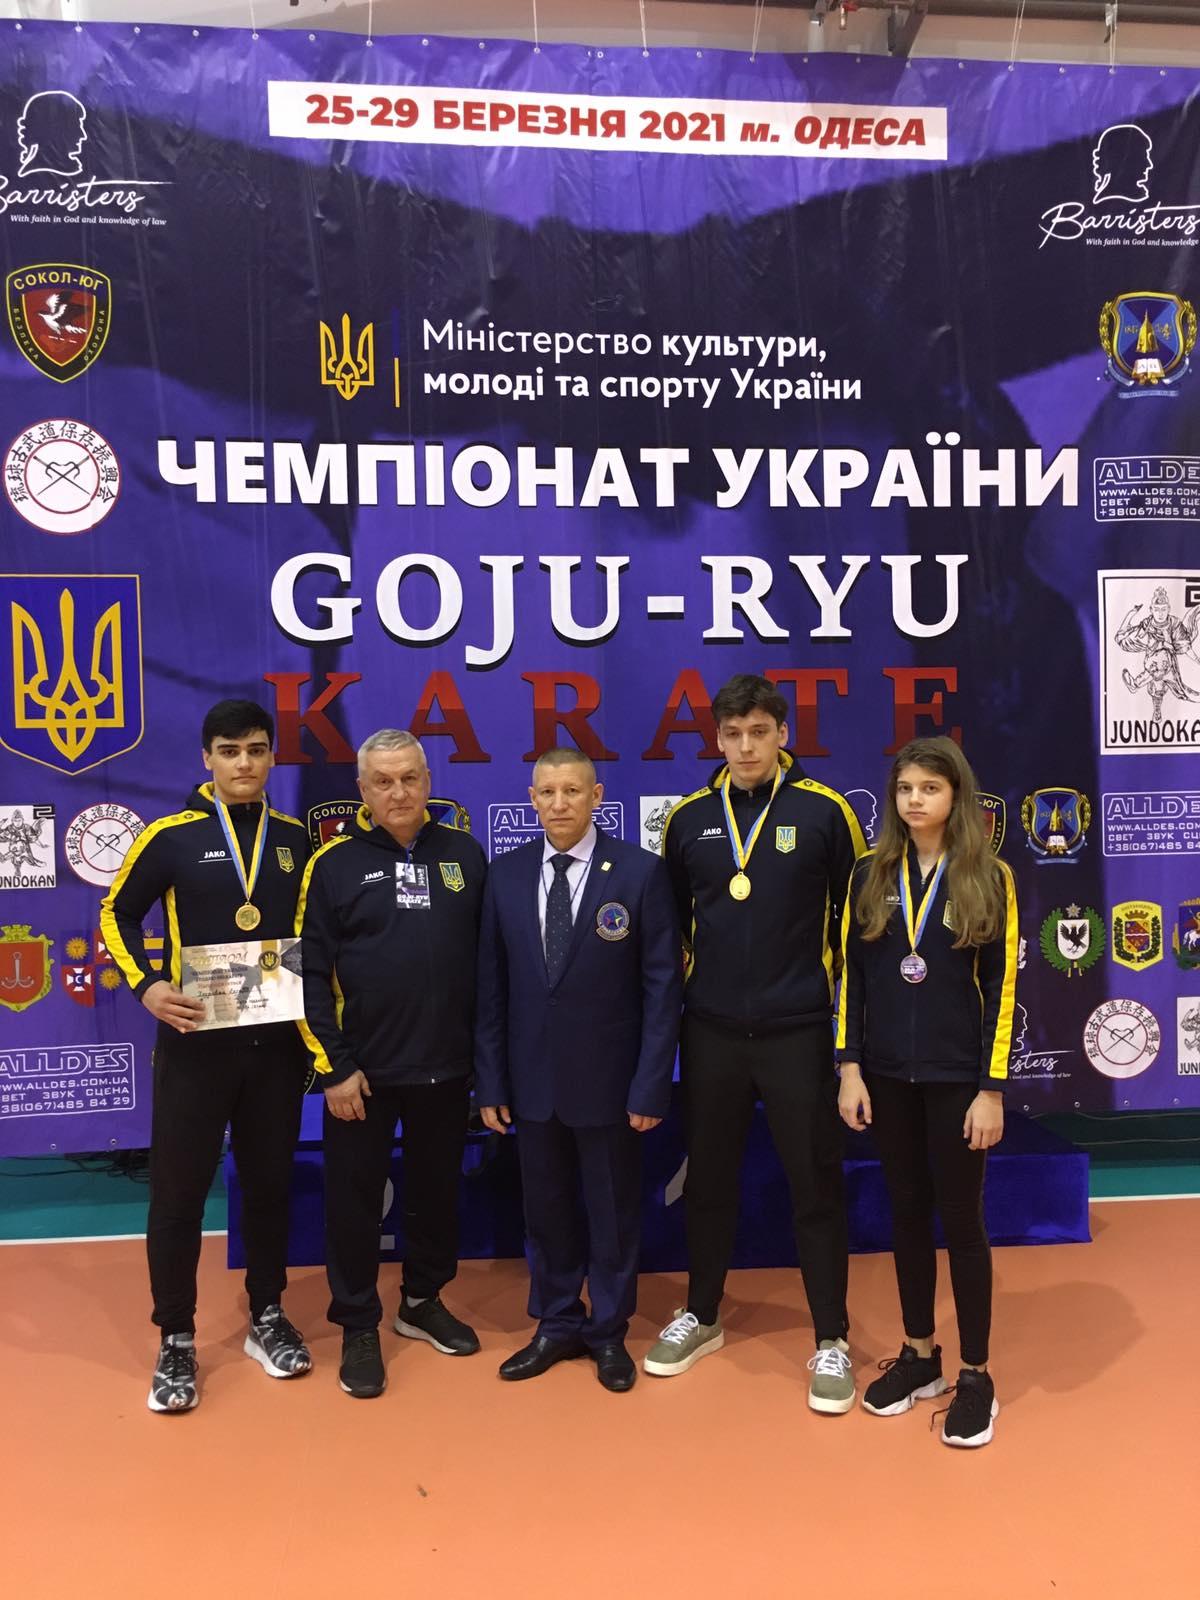 чемпіонат України з ґодзю-рю карате, Одеса. фото